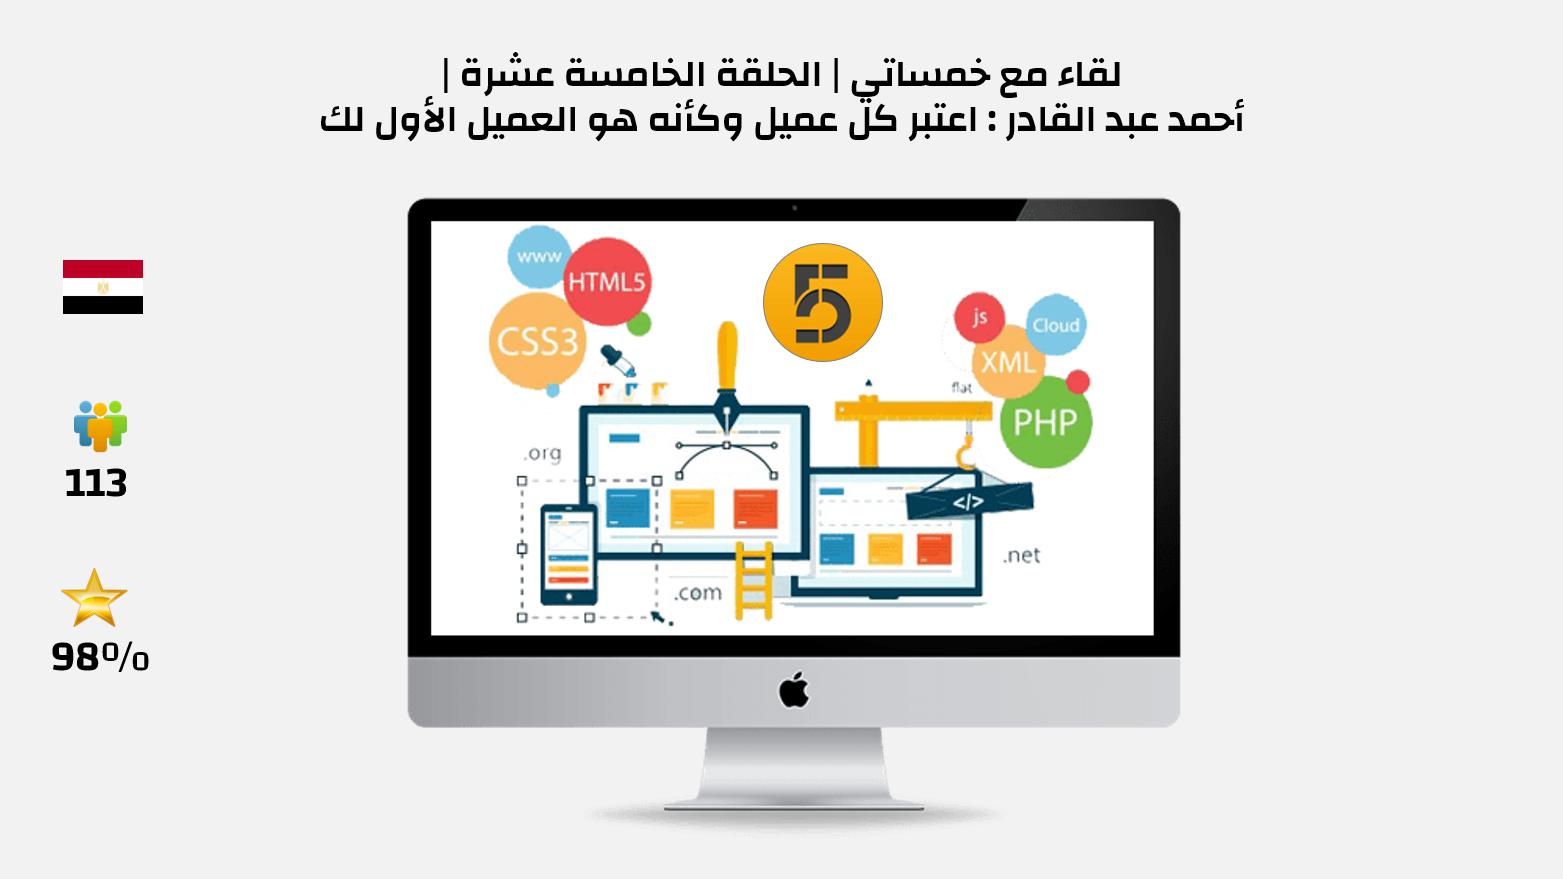 لقاء مع خمساتي الحلقة الخامسة عشرة أحمد عبد القادر إعتبر كل عميل وكأنه هو العميل الأول لك Blog Blog Posts Imac